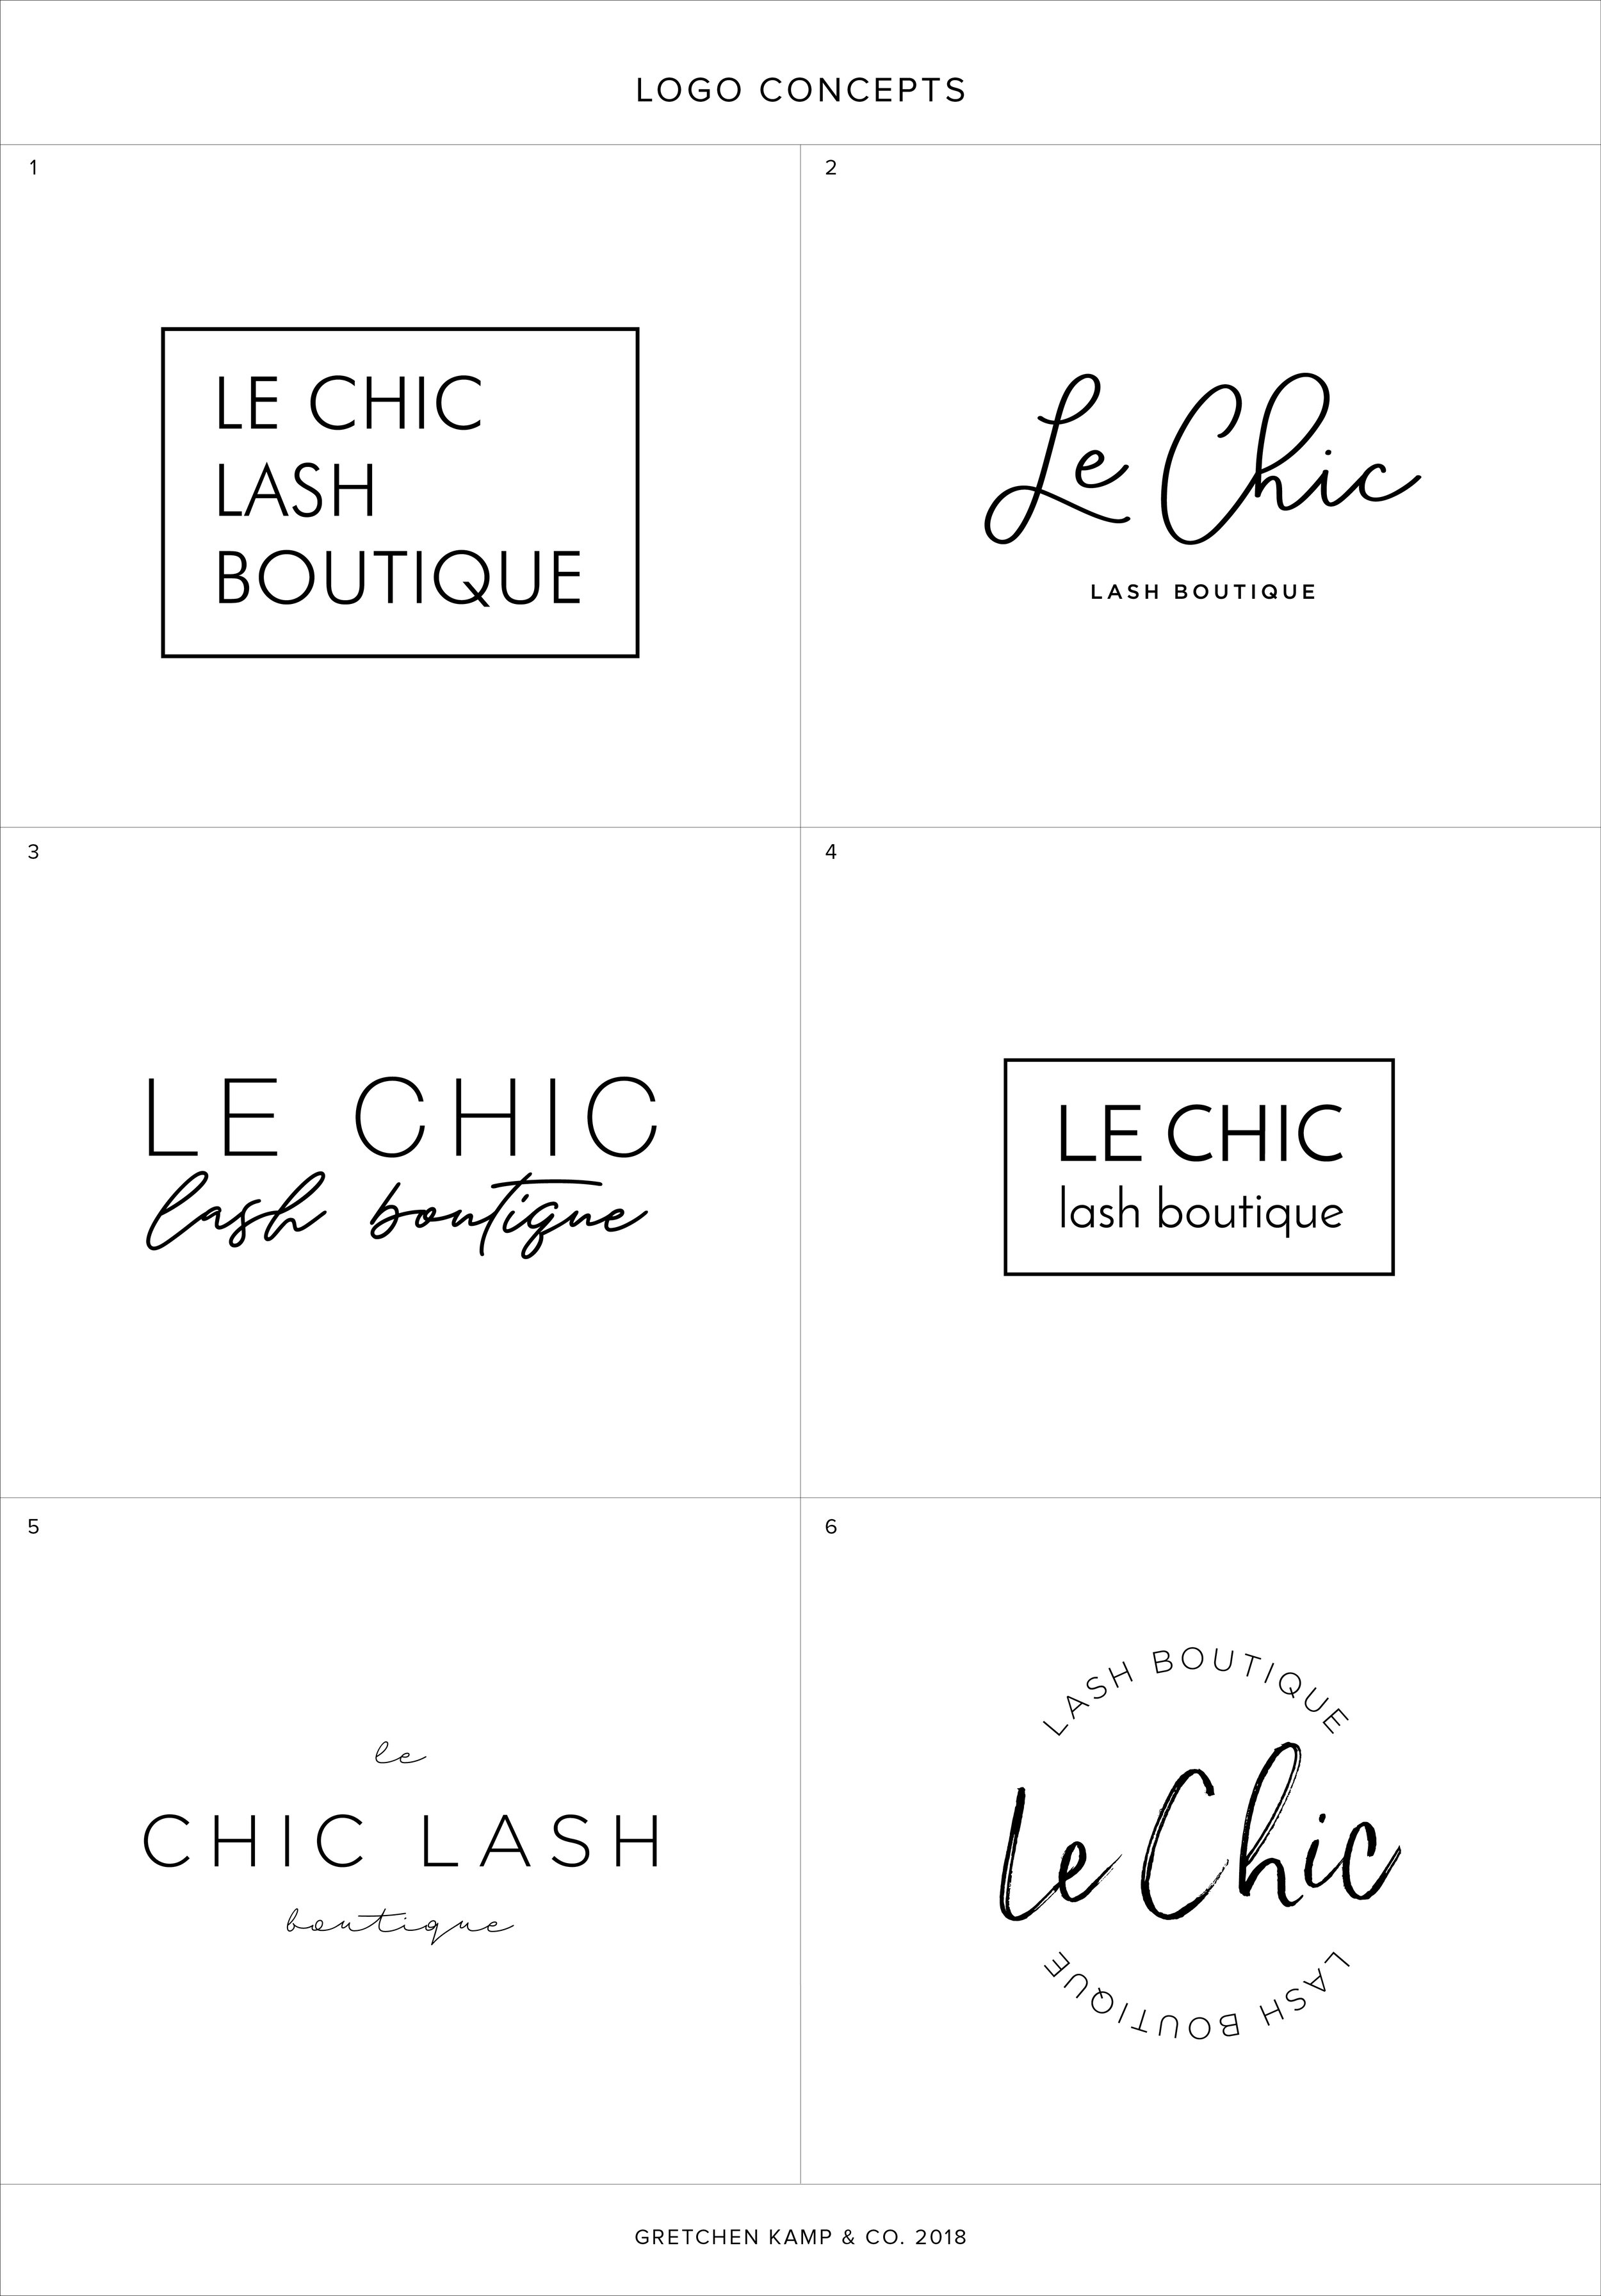 Le Chic Lash Boutique Logo Concepts by Gretchen Kamp